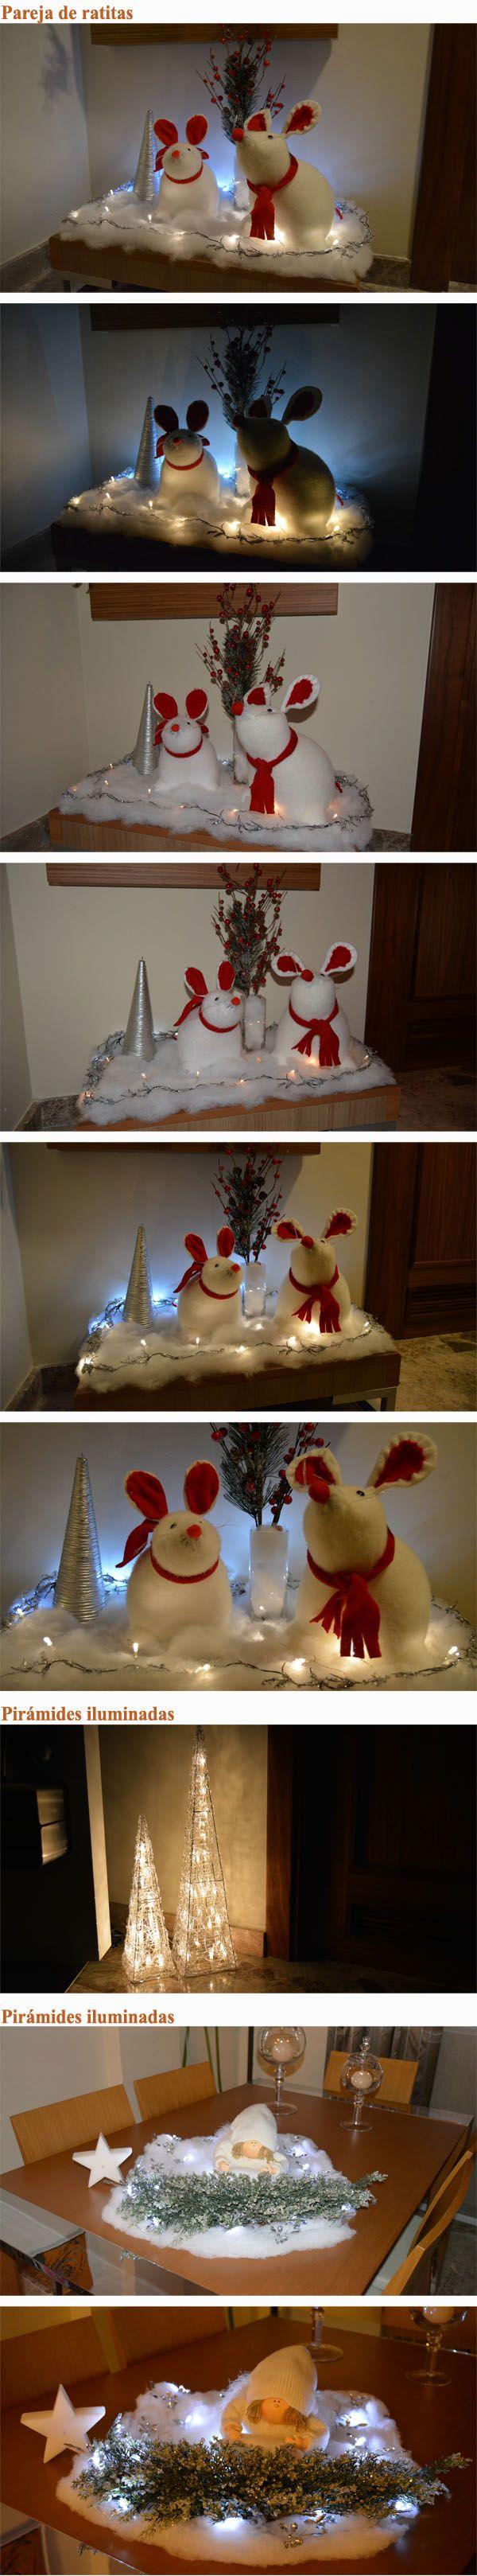 Decoracion adicional para Navidad